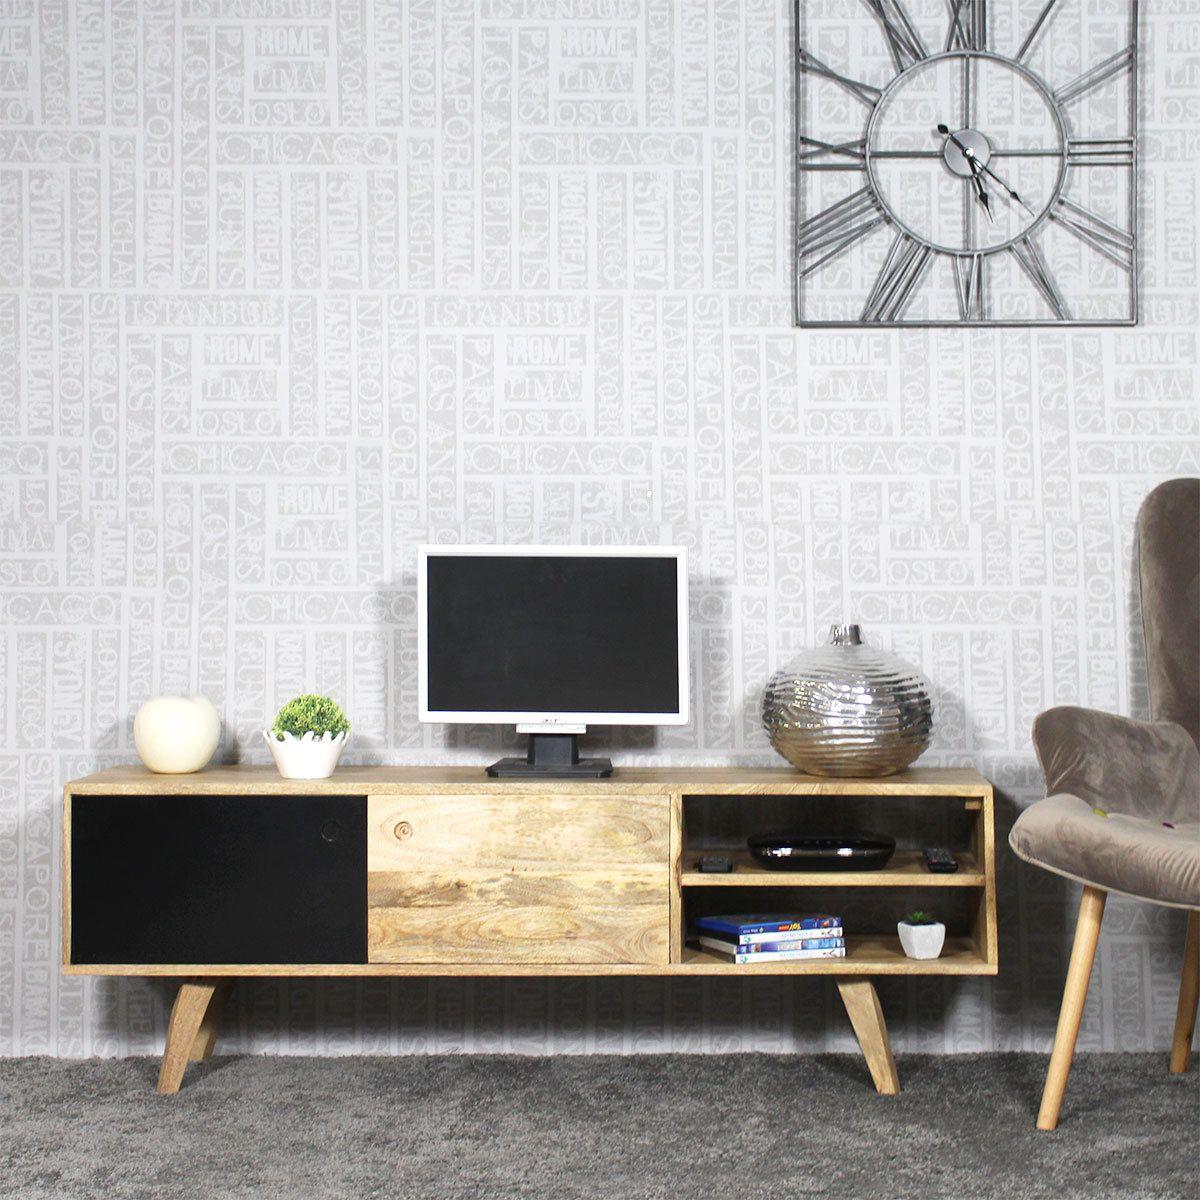 Meuble Tv Bois Massif Moderne Meuble Tv Profiter Et Tv # Meuble Tv Bois Massif Moderne